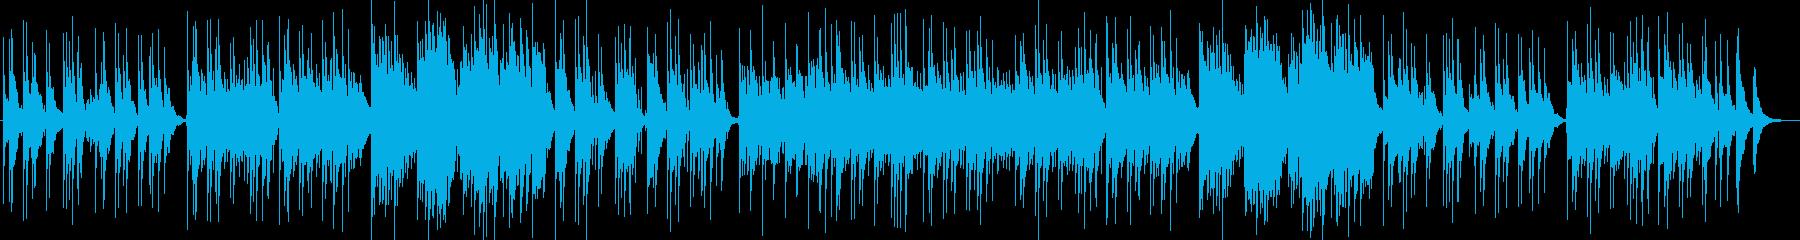 優しいメロディーピアノギターサウンドの再生済みの波形